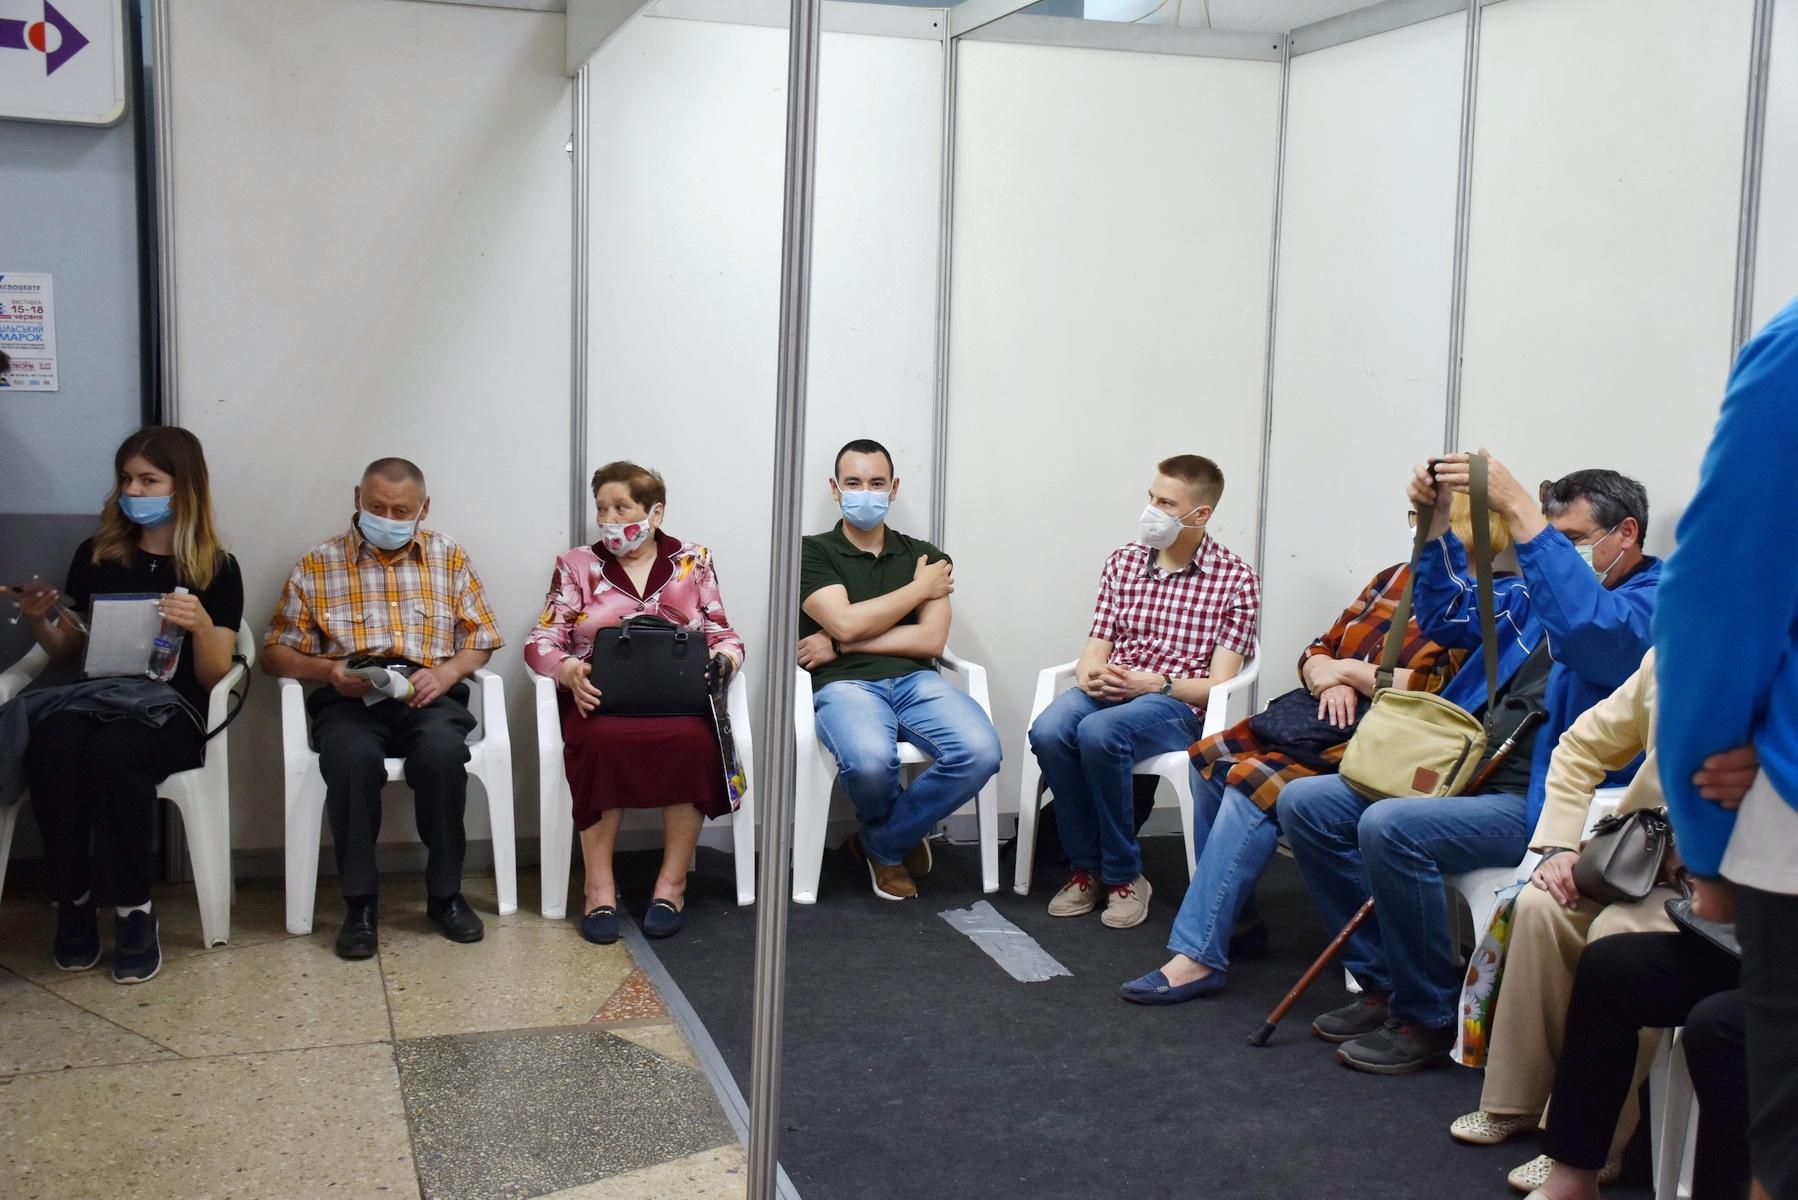 У Вінниці запрацював центр масової вакцинації. За два дні щеплення зробили 750 вінничан (Фото)